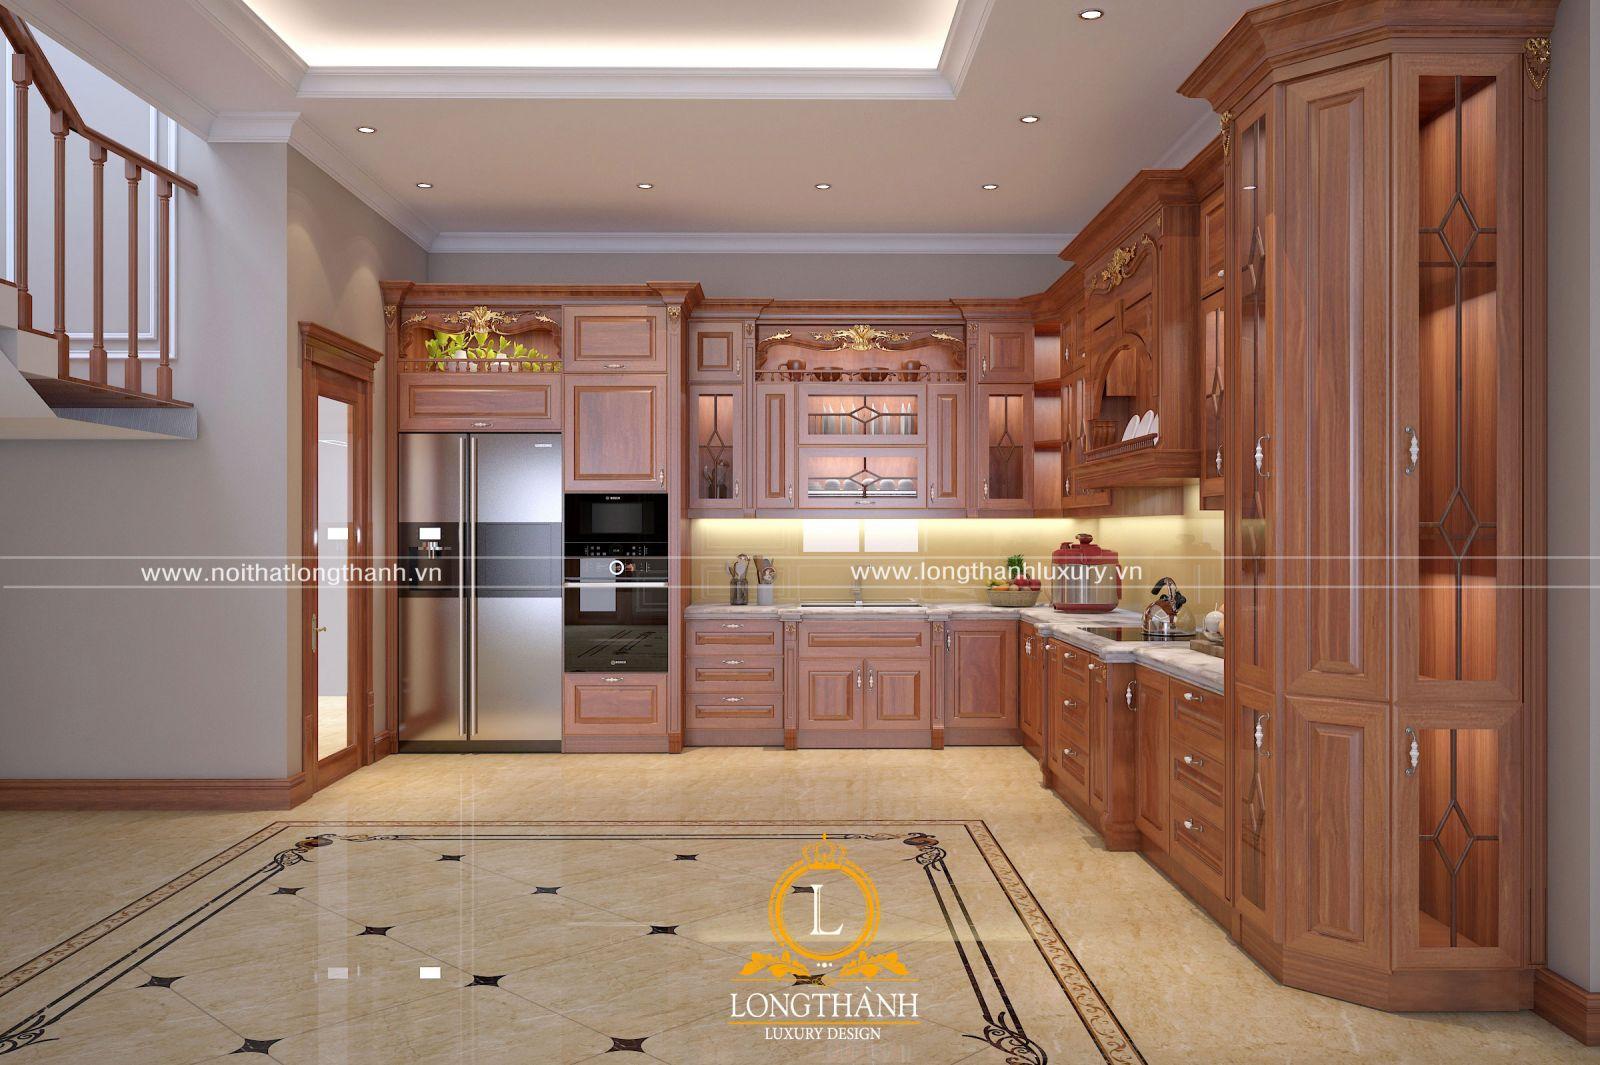 Nội thất tủ bếp gỗ Gõ đẹp